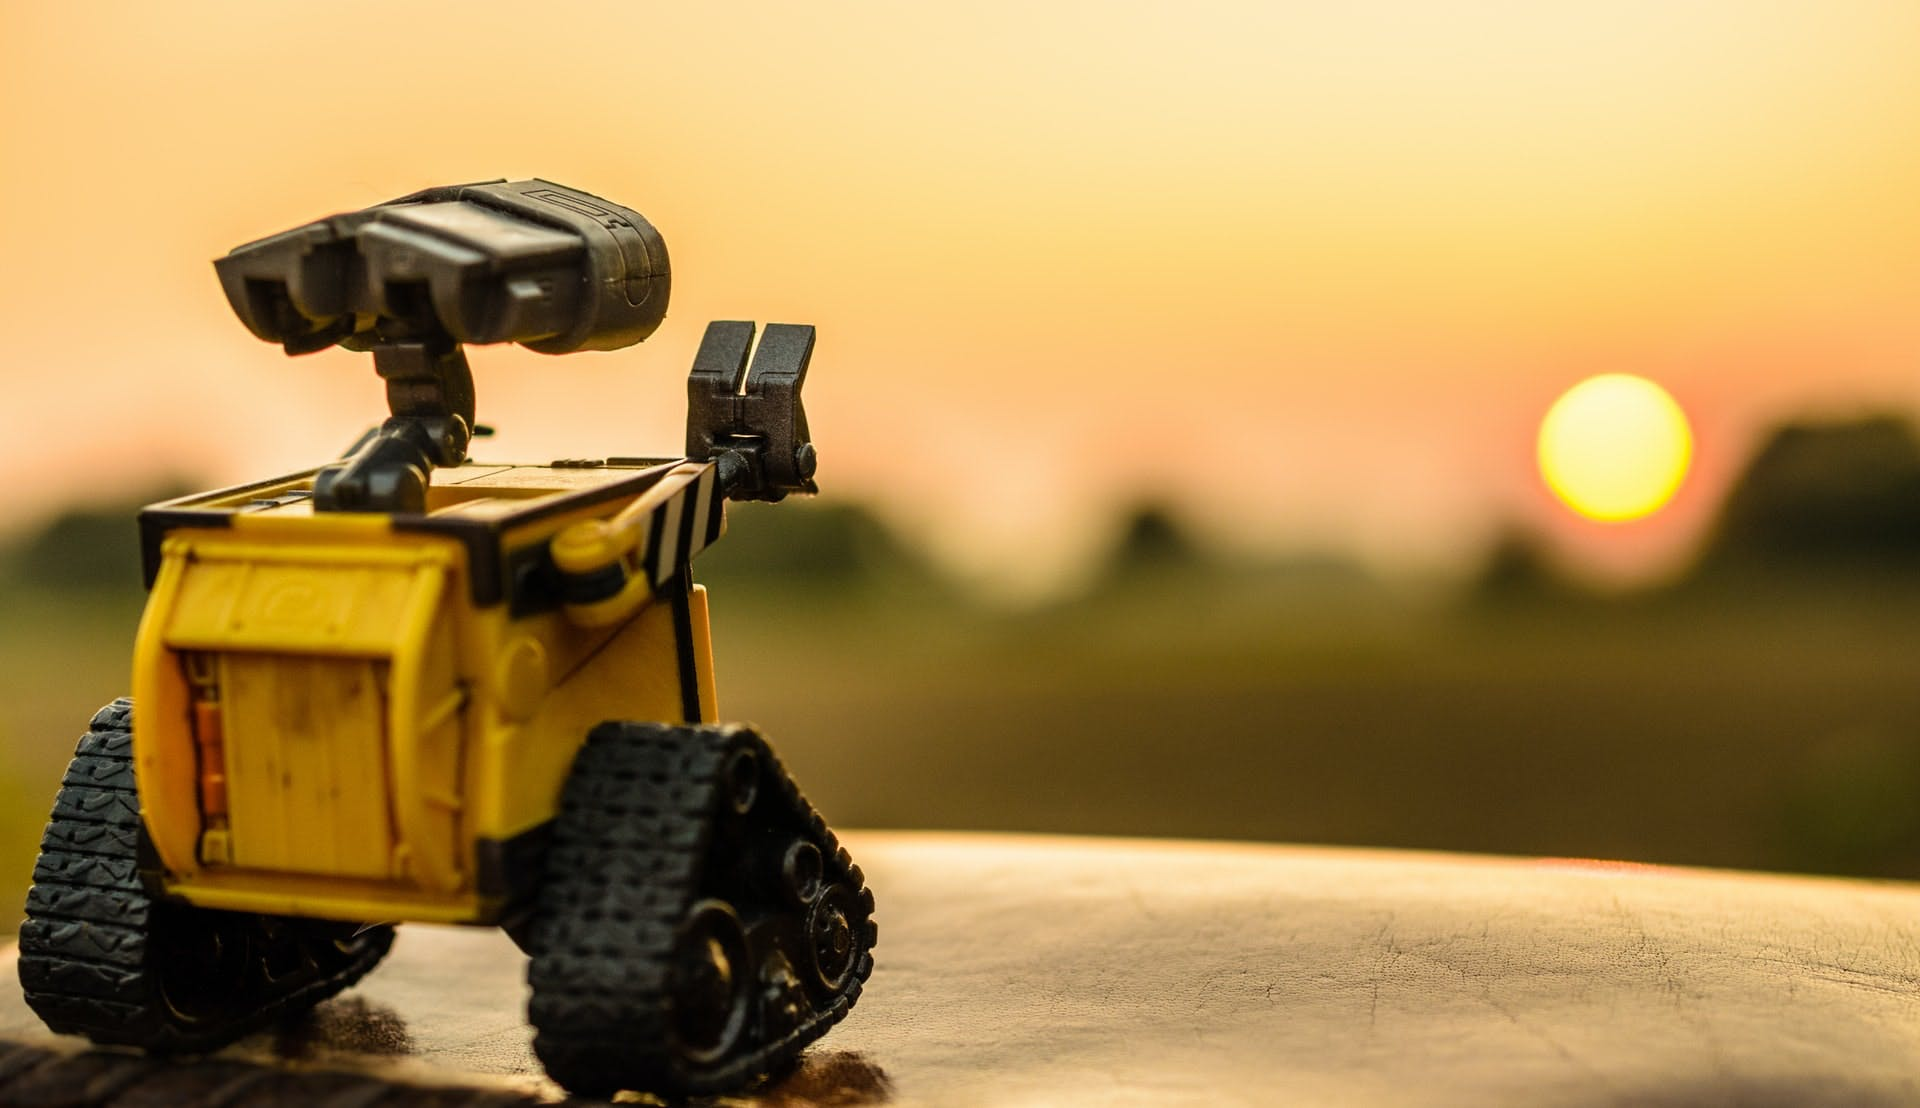 Robô olhando para o horizonte